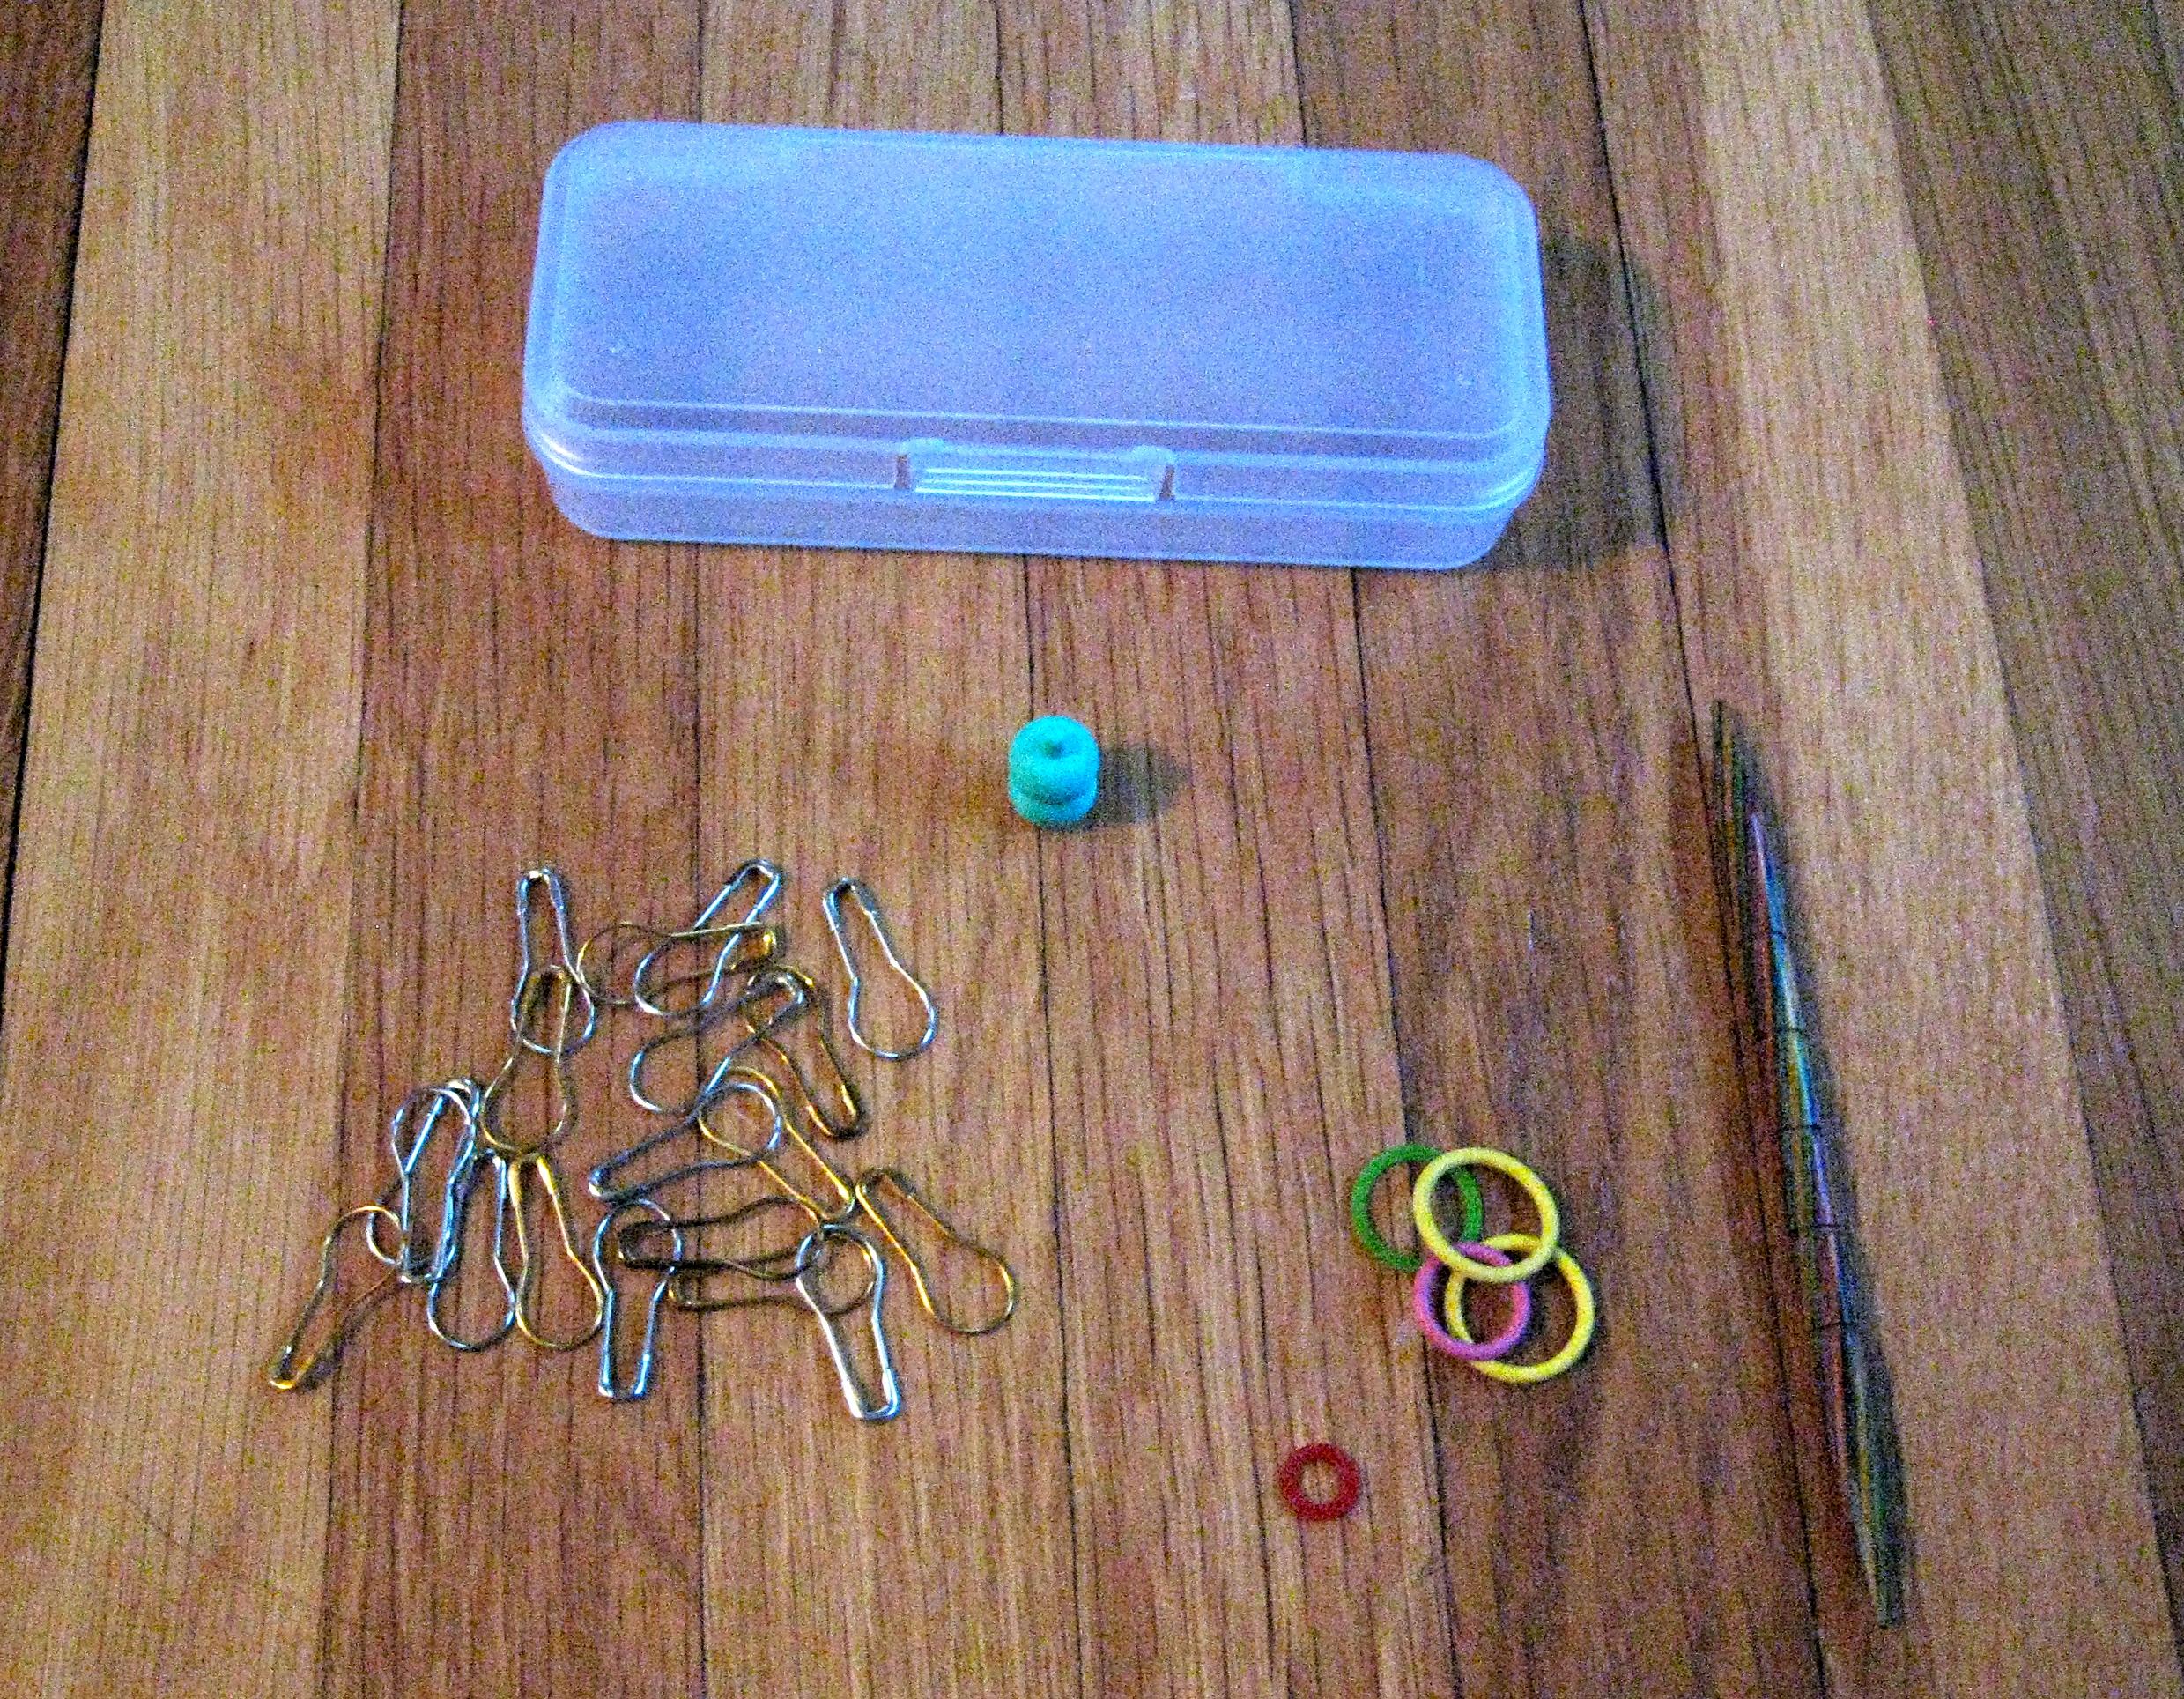 Knitting Notions Organizer : My knitting notions storage like mary poppins carpet bag